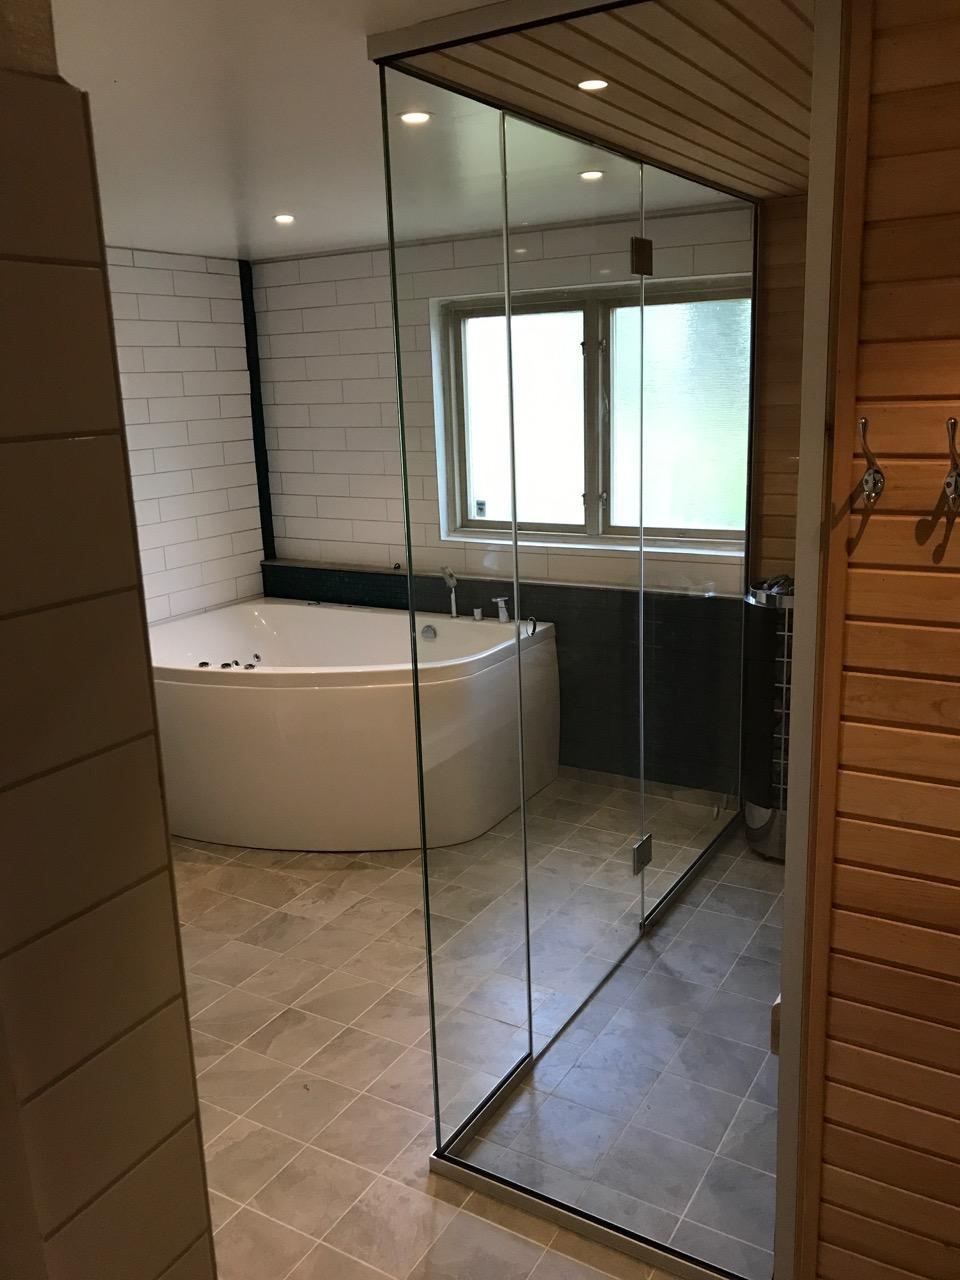 Badrum kostnad renovera badrum 10 kvm : Glasvägg - Pris 590 kr/kvm. Glasvägg till bastu, kontor, dusch.